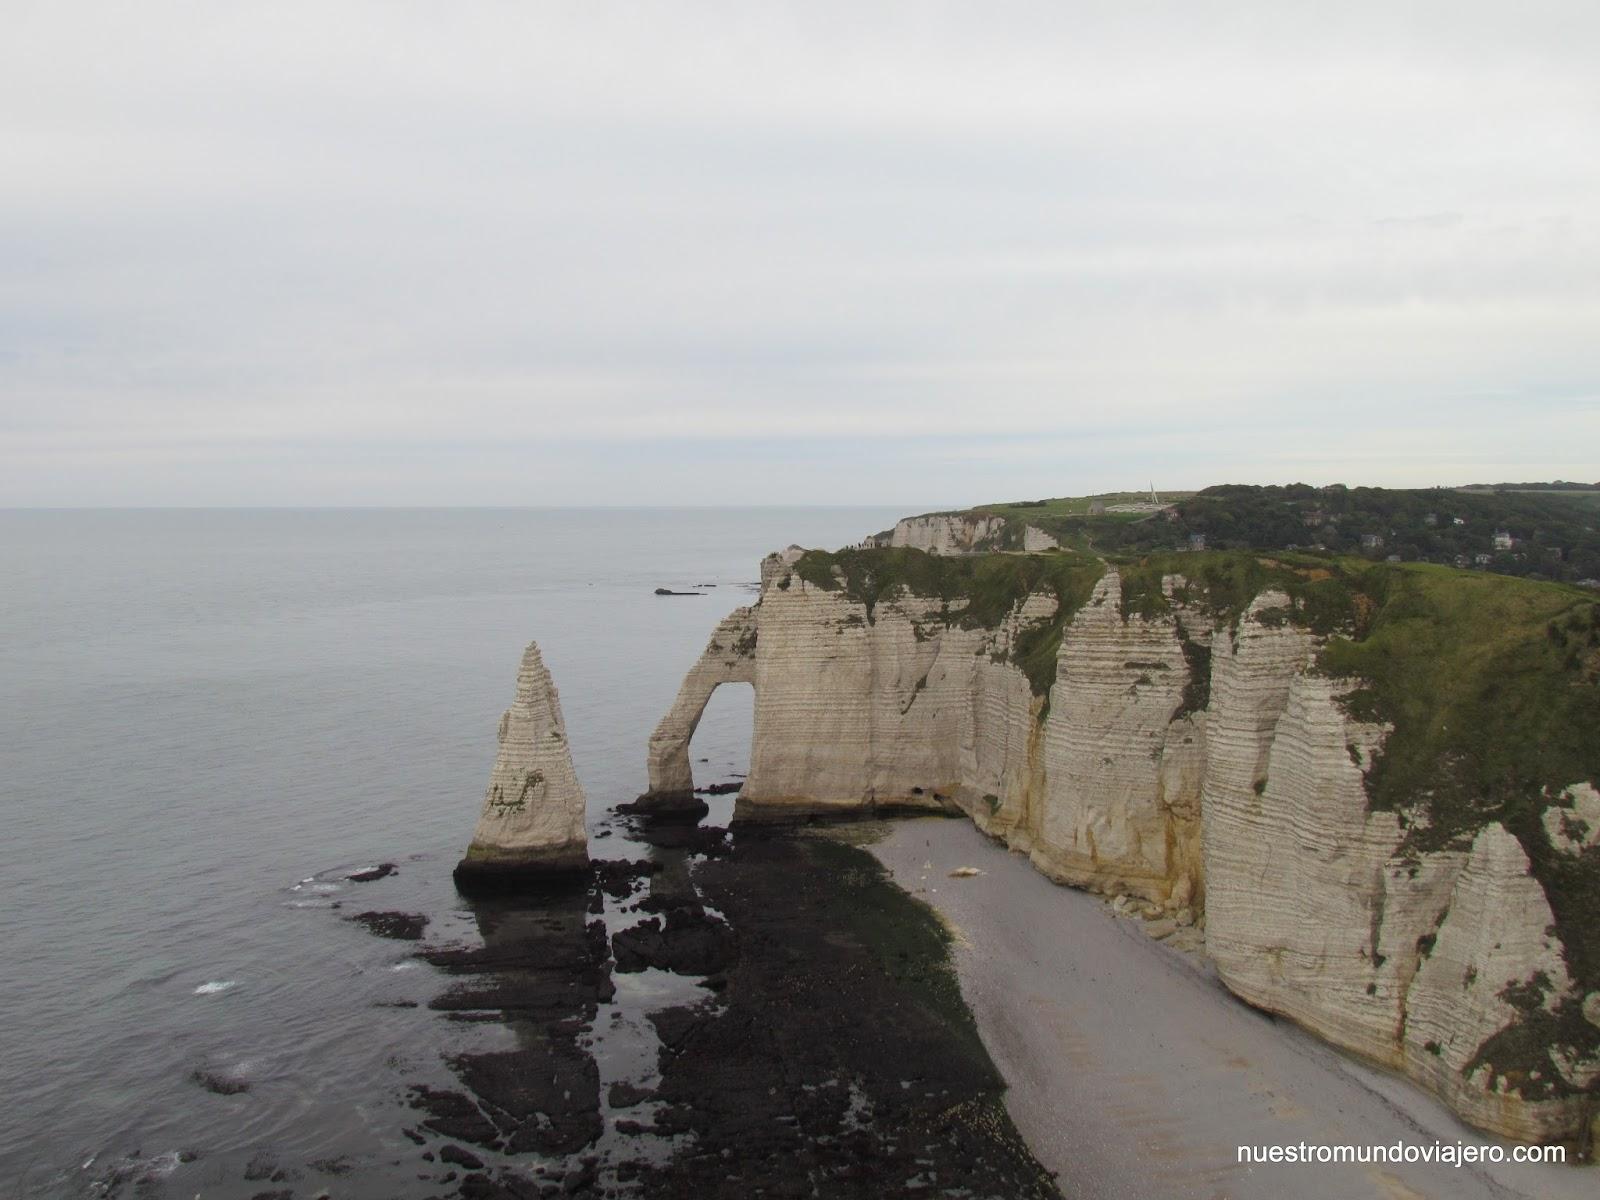 La siguiente etapa de nuestro viaje por carretera nos adentraba en la Normandía. Esta región del norte de Francia se hizo muy célebre a raíz de los